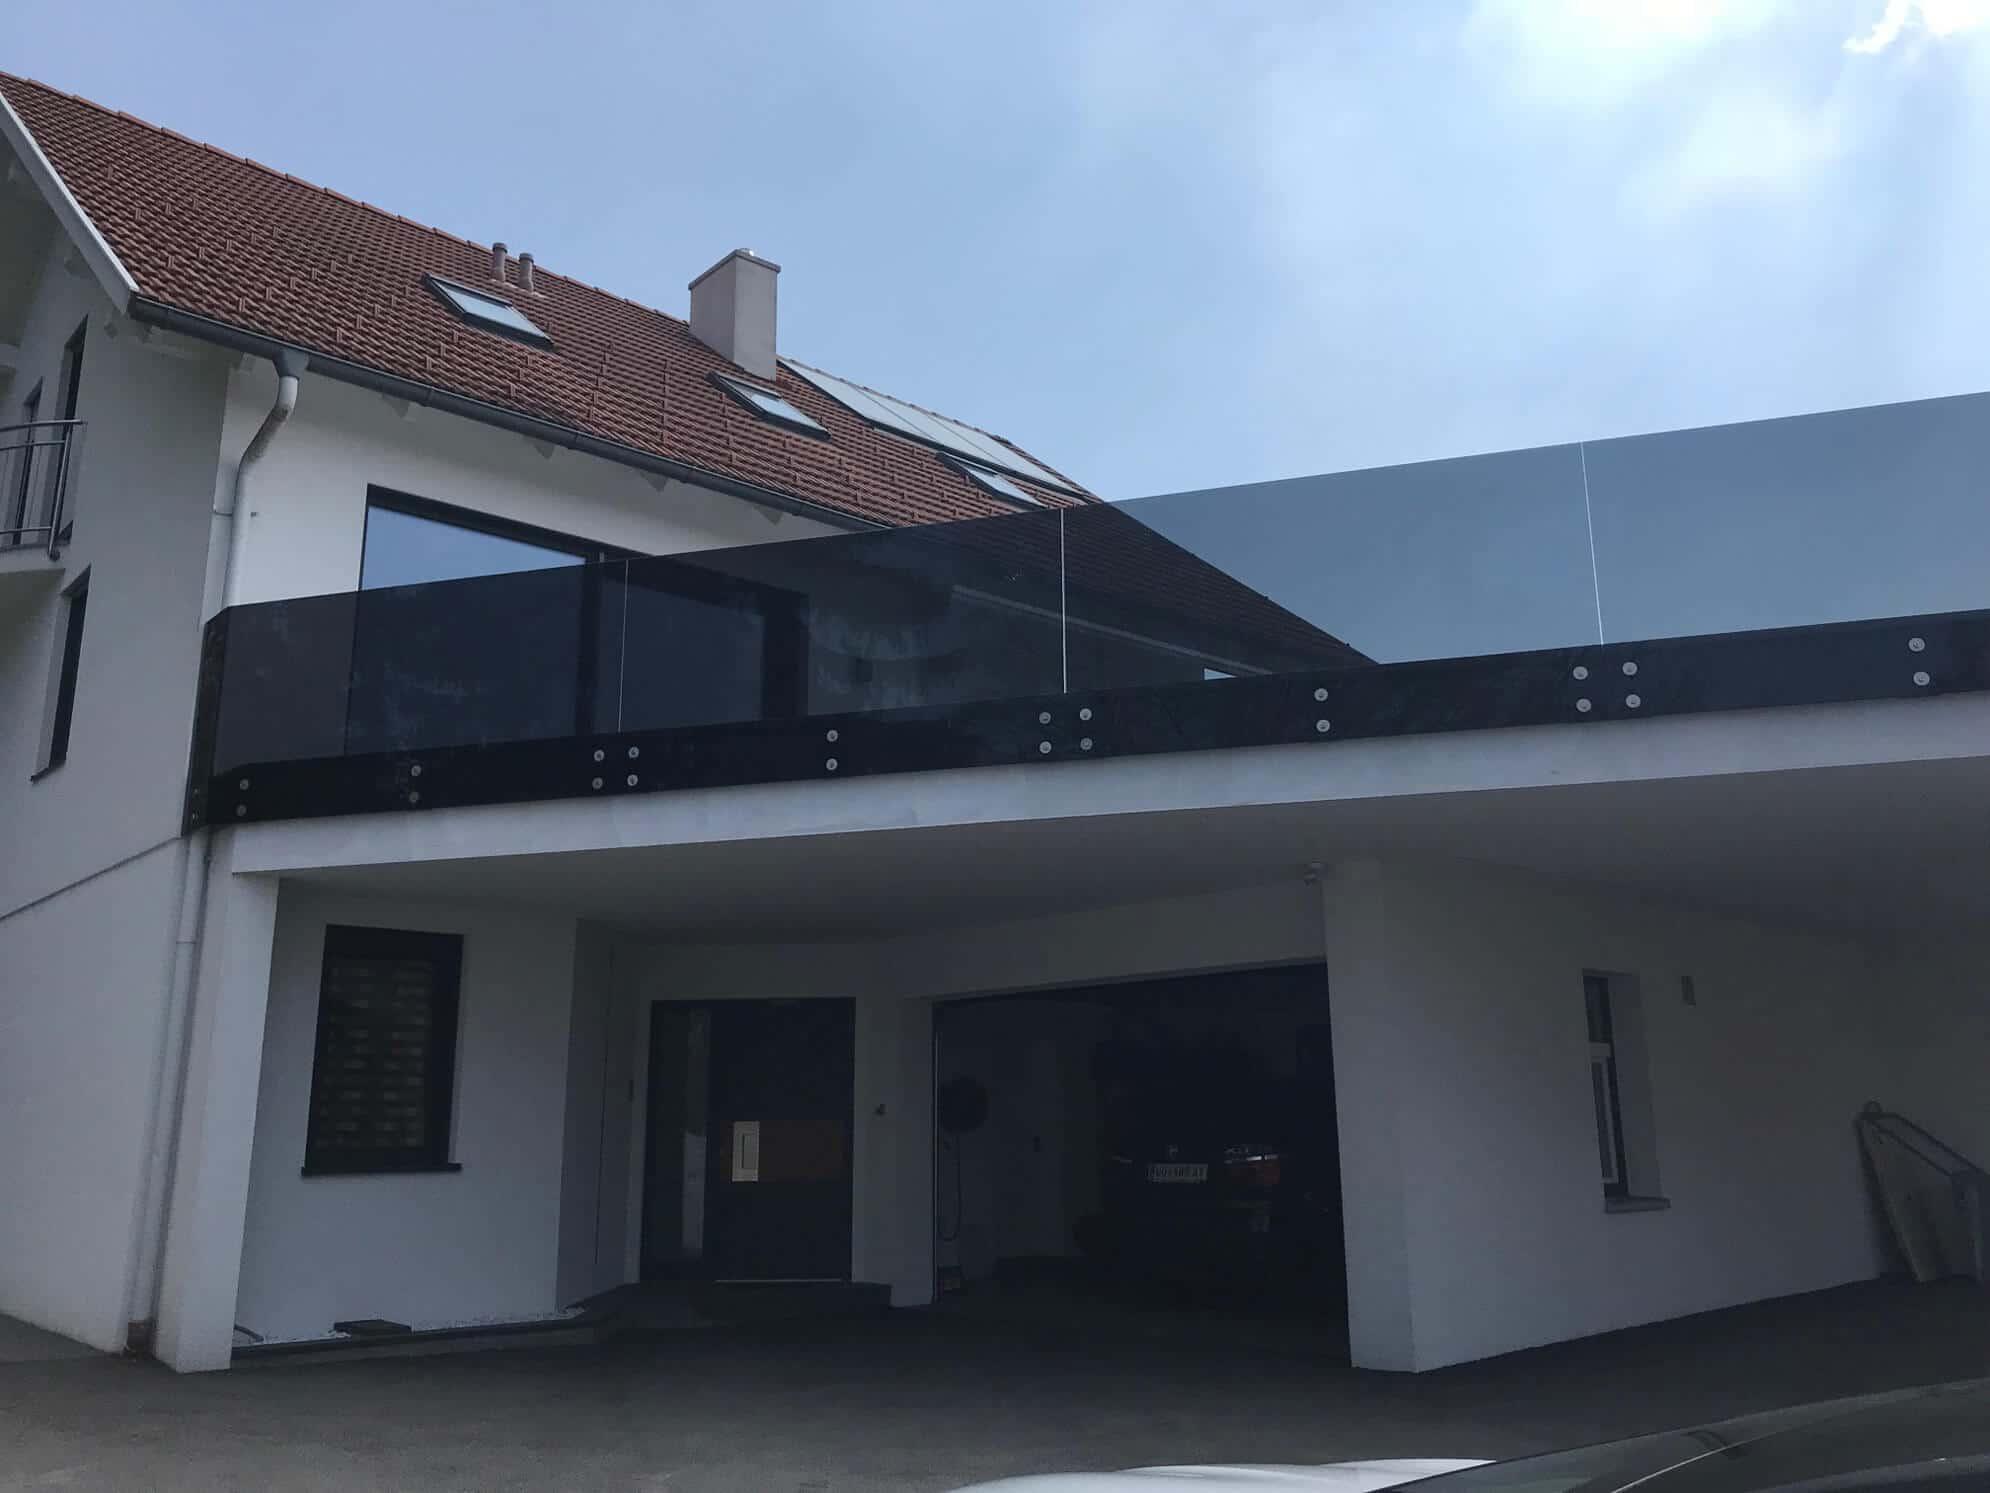 Balkon Sichtschutz Zum Schieben Balkon Glas Windschutz